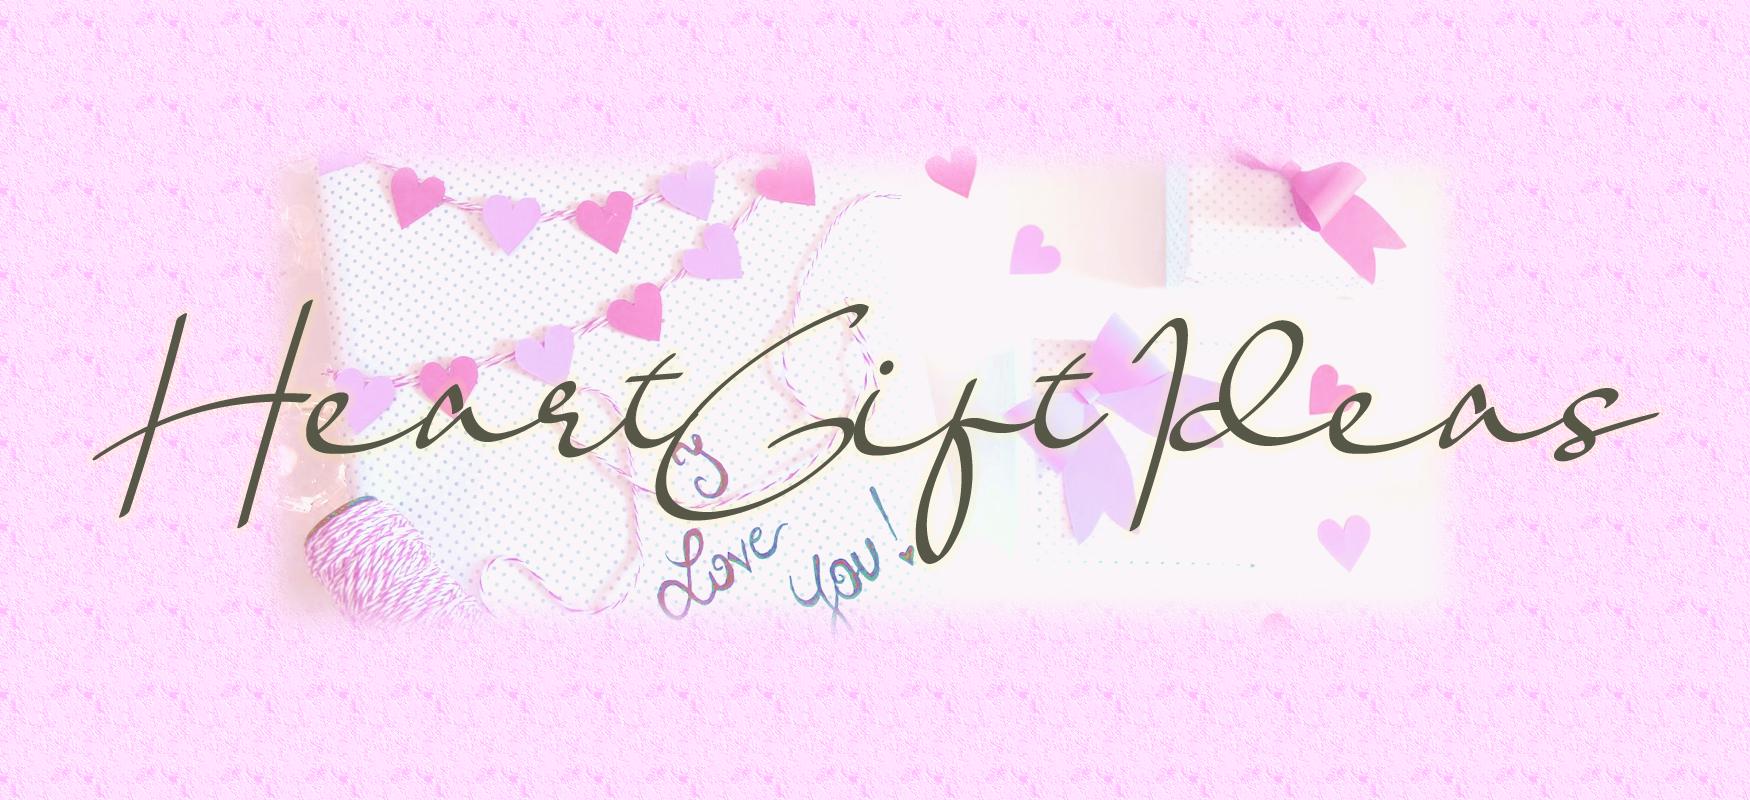 ハートギフト アイディア_Heart gift ideas